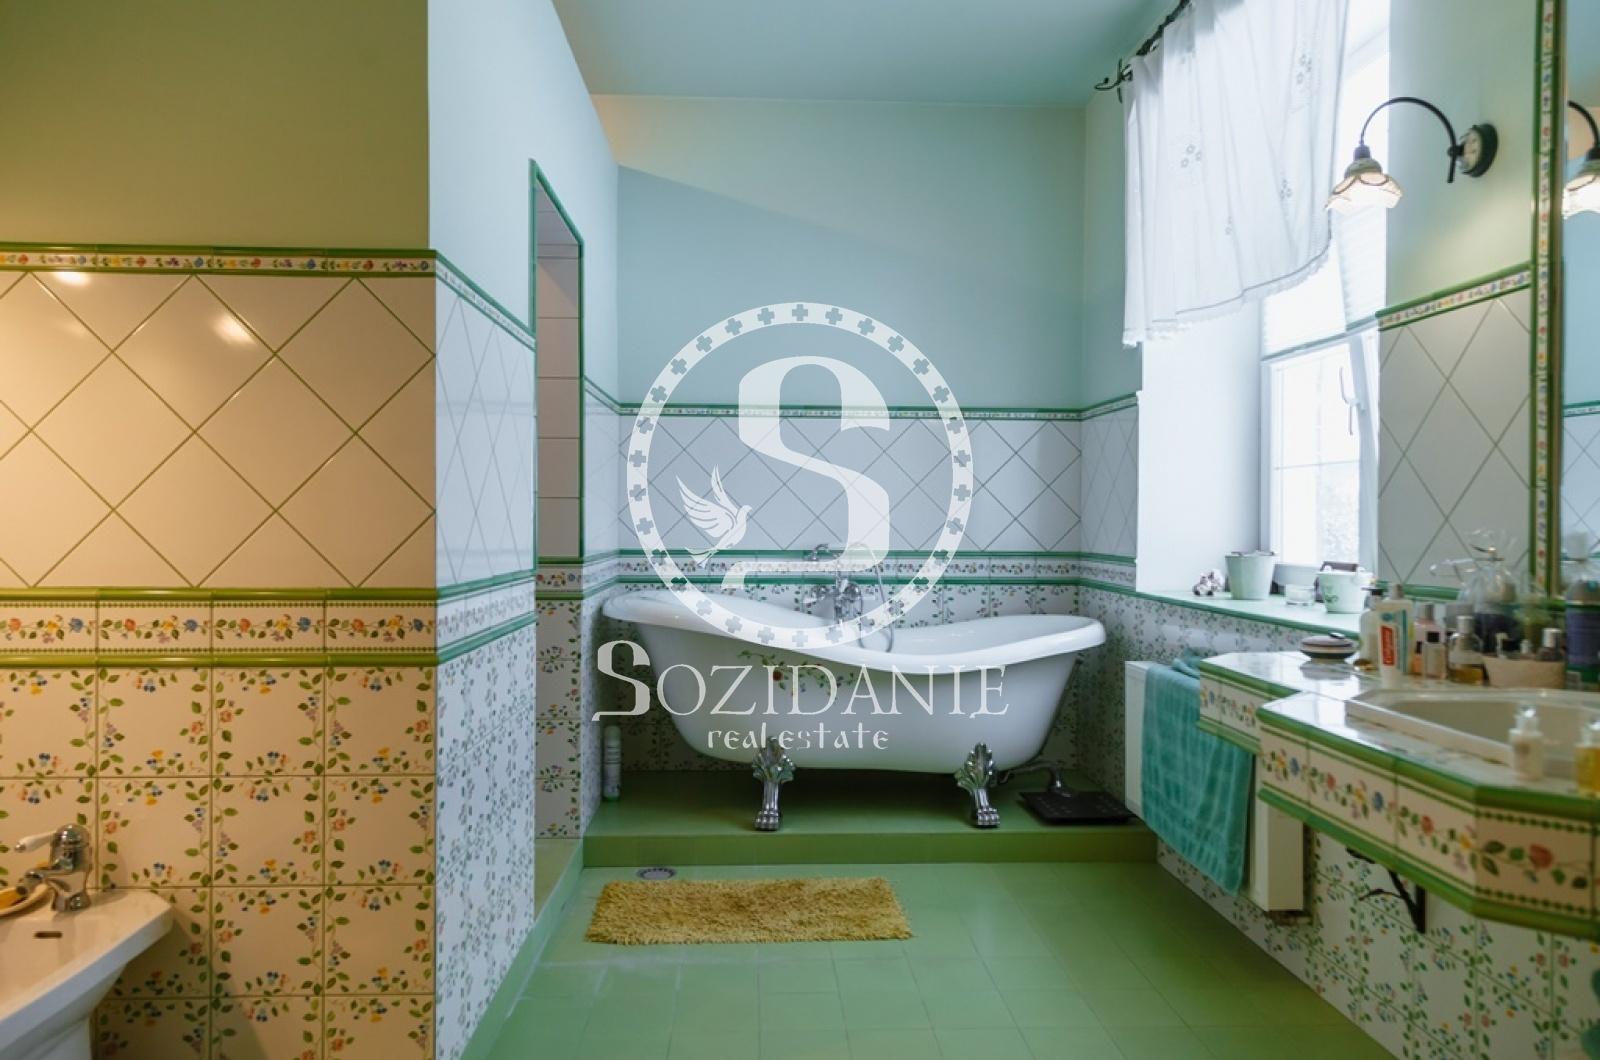 4 Bedrooms, Загородная, Продажа, Listing ID 1205, Московская область, Россия,